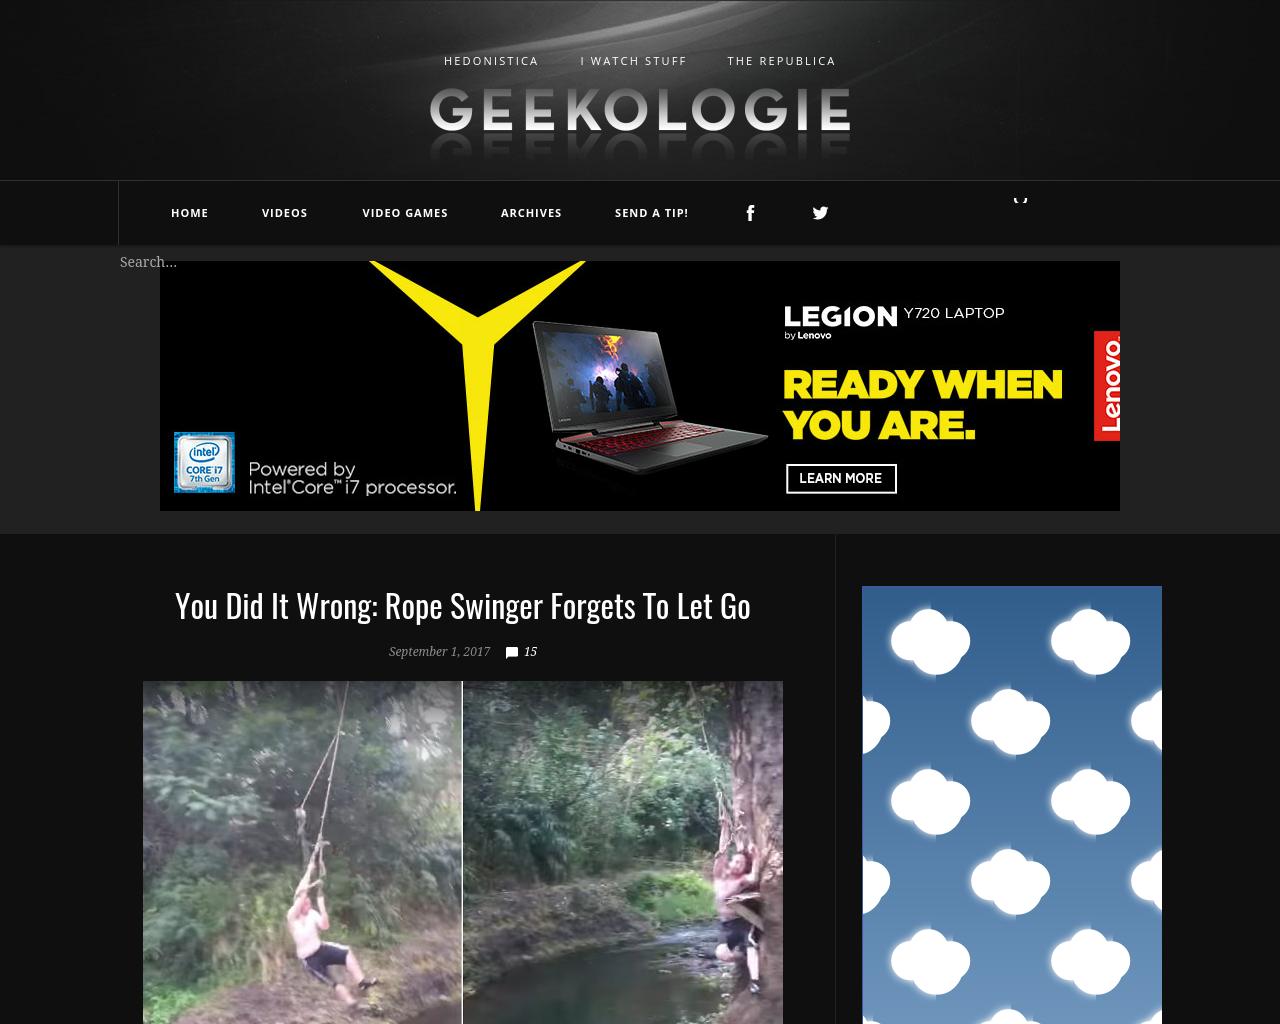 Geekologie-Advertising-Reviews-Pricing